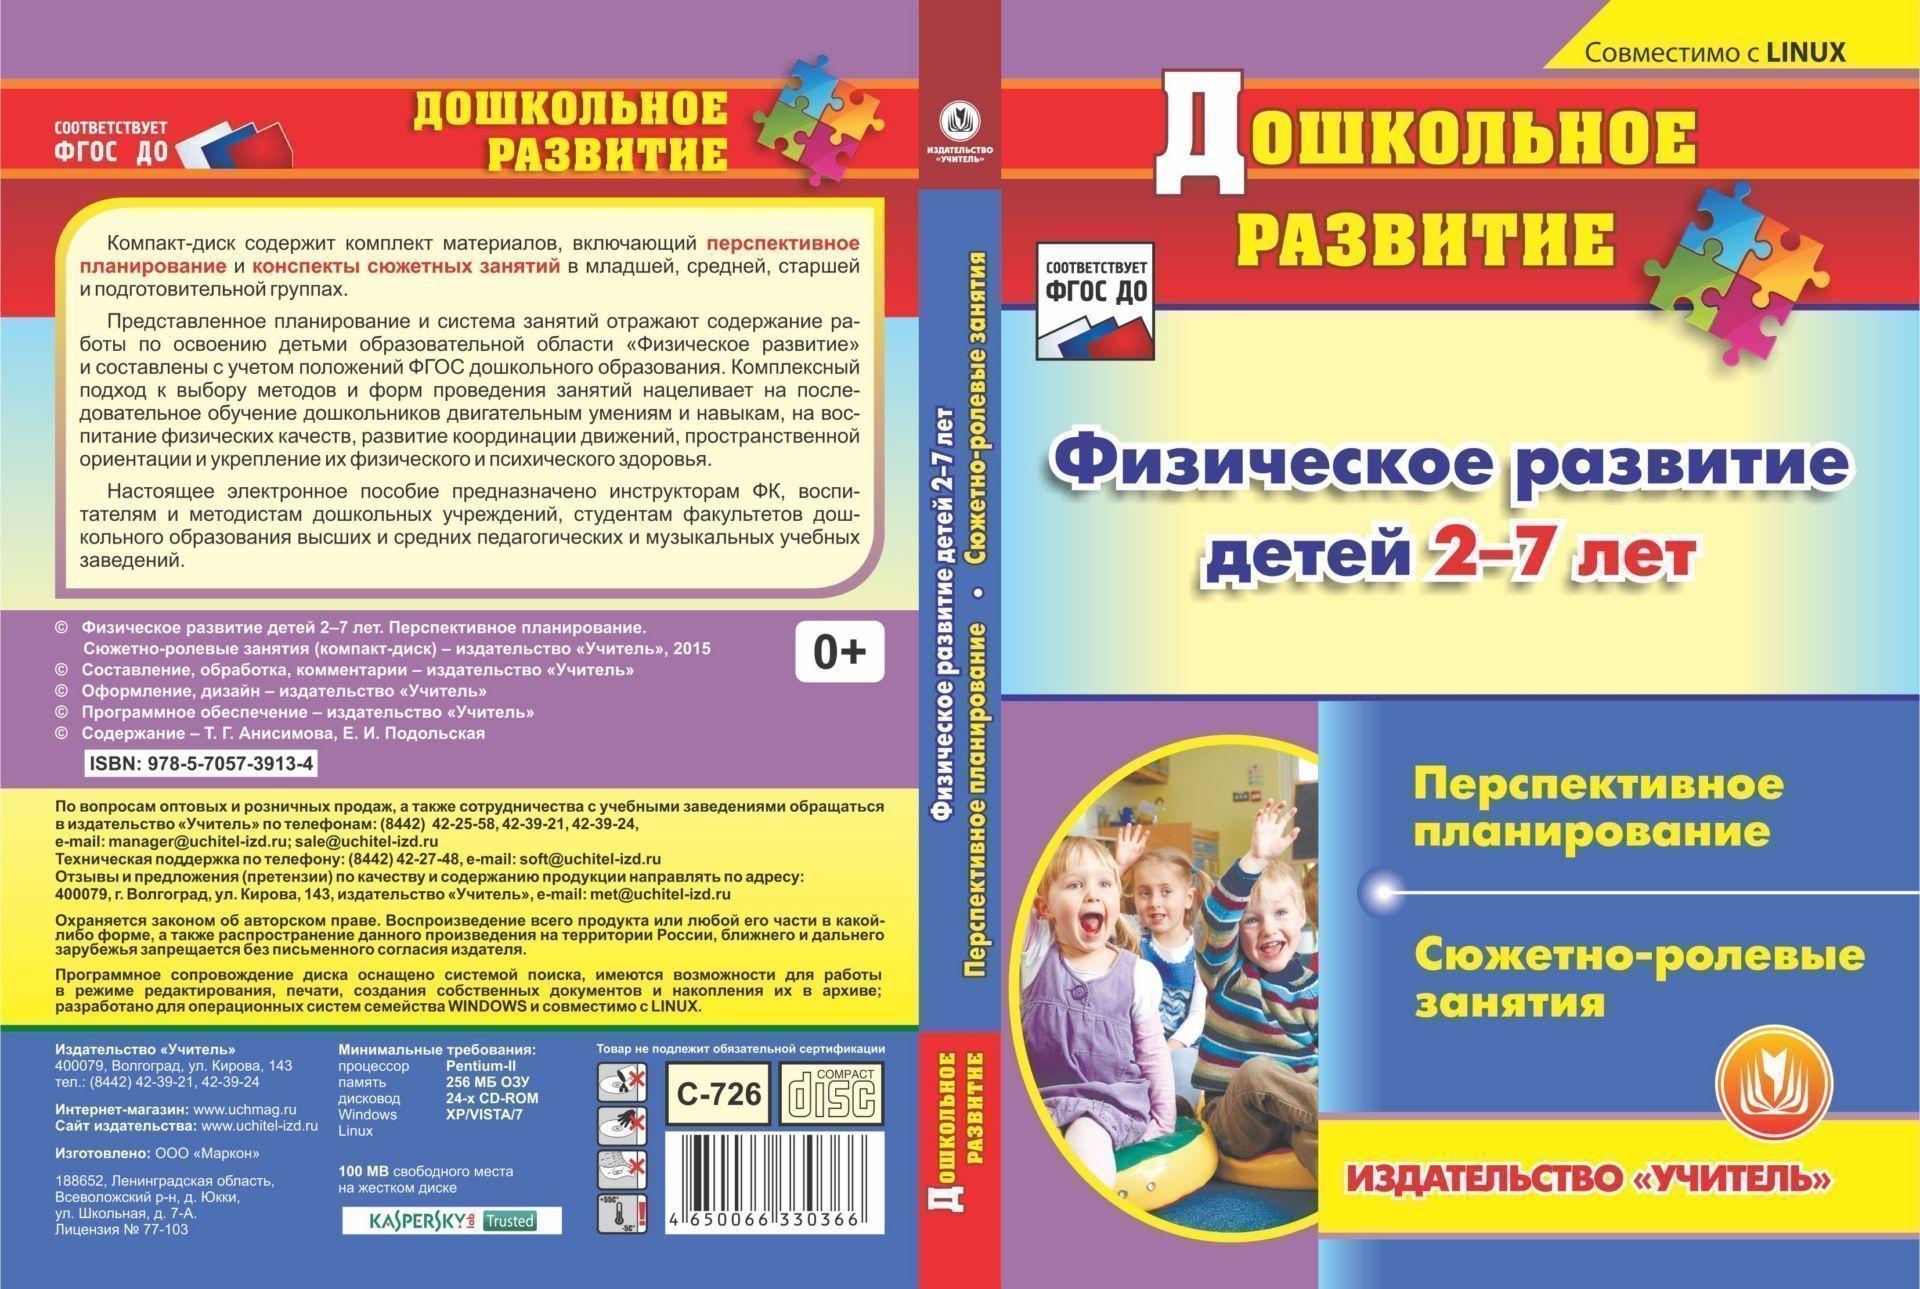 Физическое развитие детей 2-7 лет. Перспективное планирование. Сюжетно-ролевые занятия. Компакт-диск для компьютера